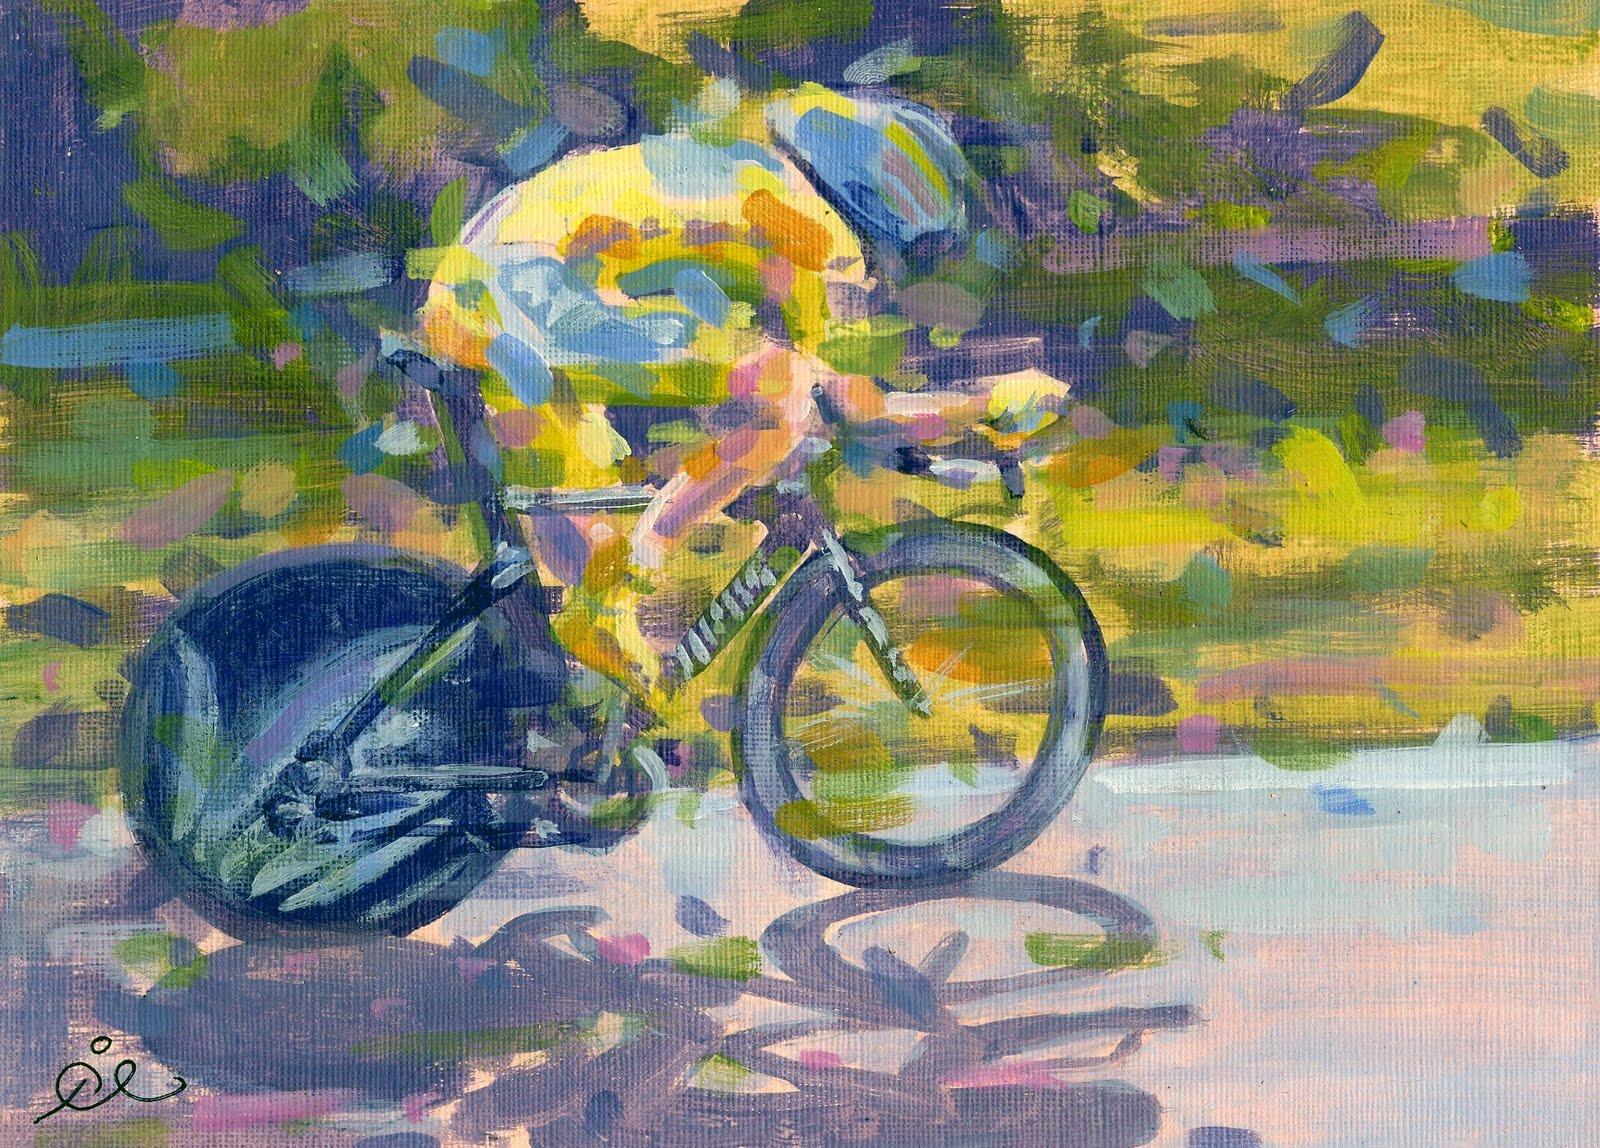 Tour de France 2010 - Contador